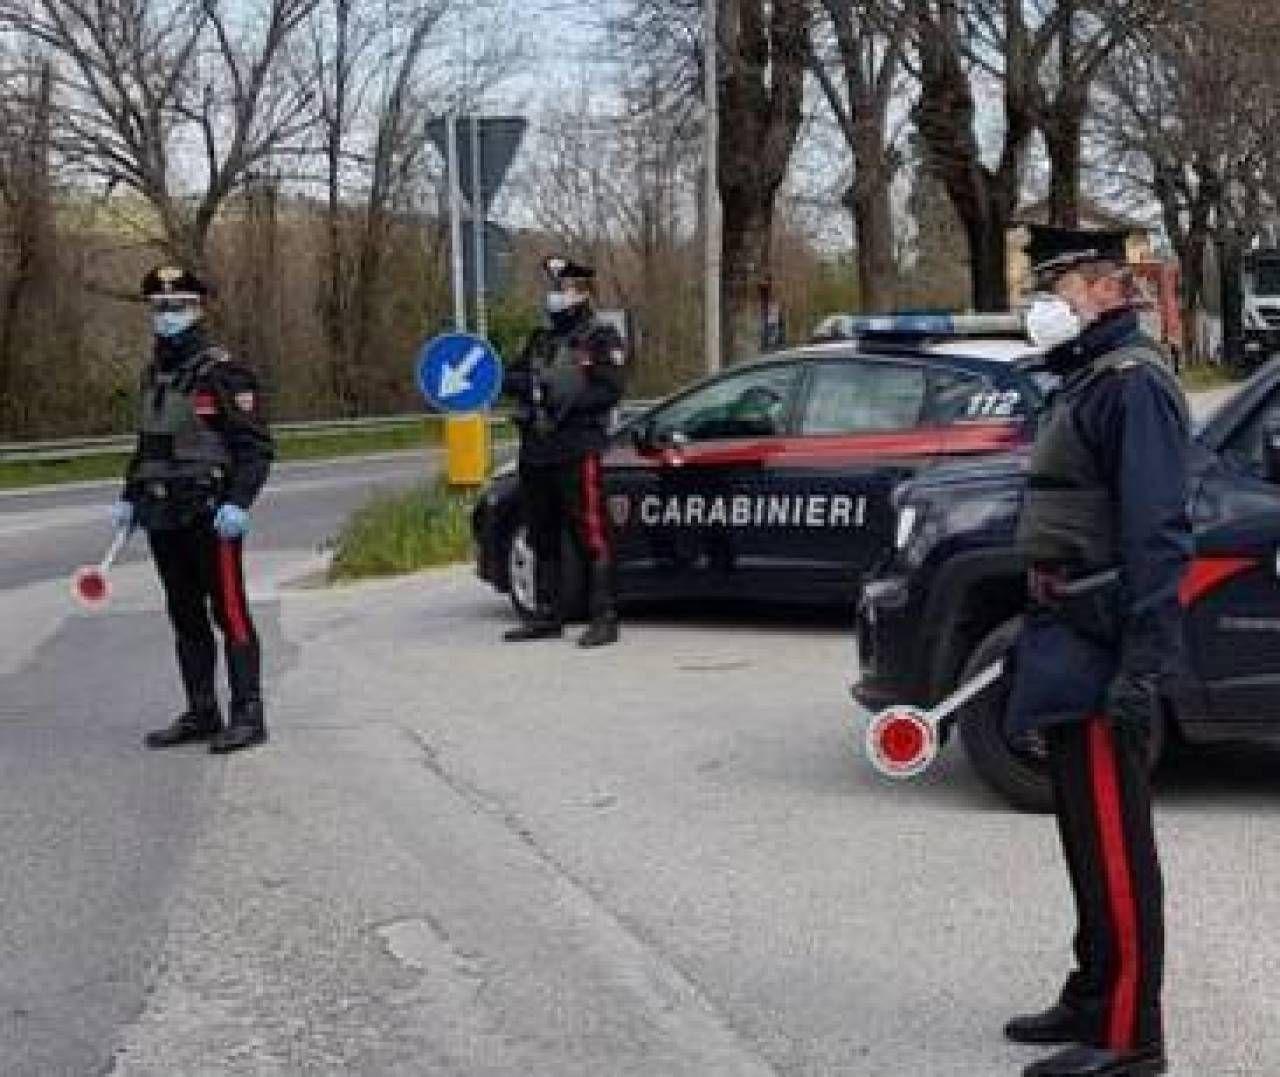 Blocchi stradali a Rimini durante la fase acuta dell'emergenza